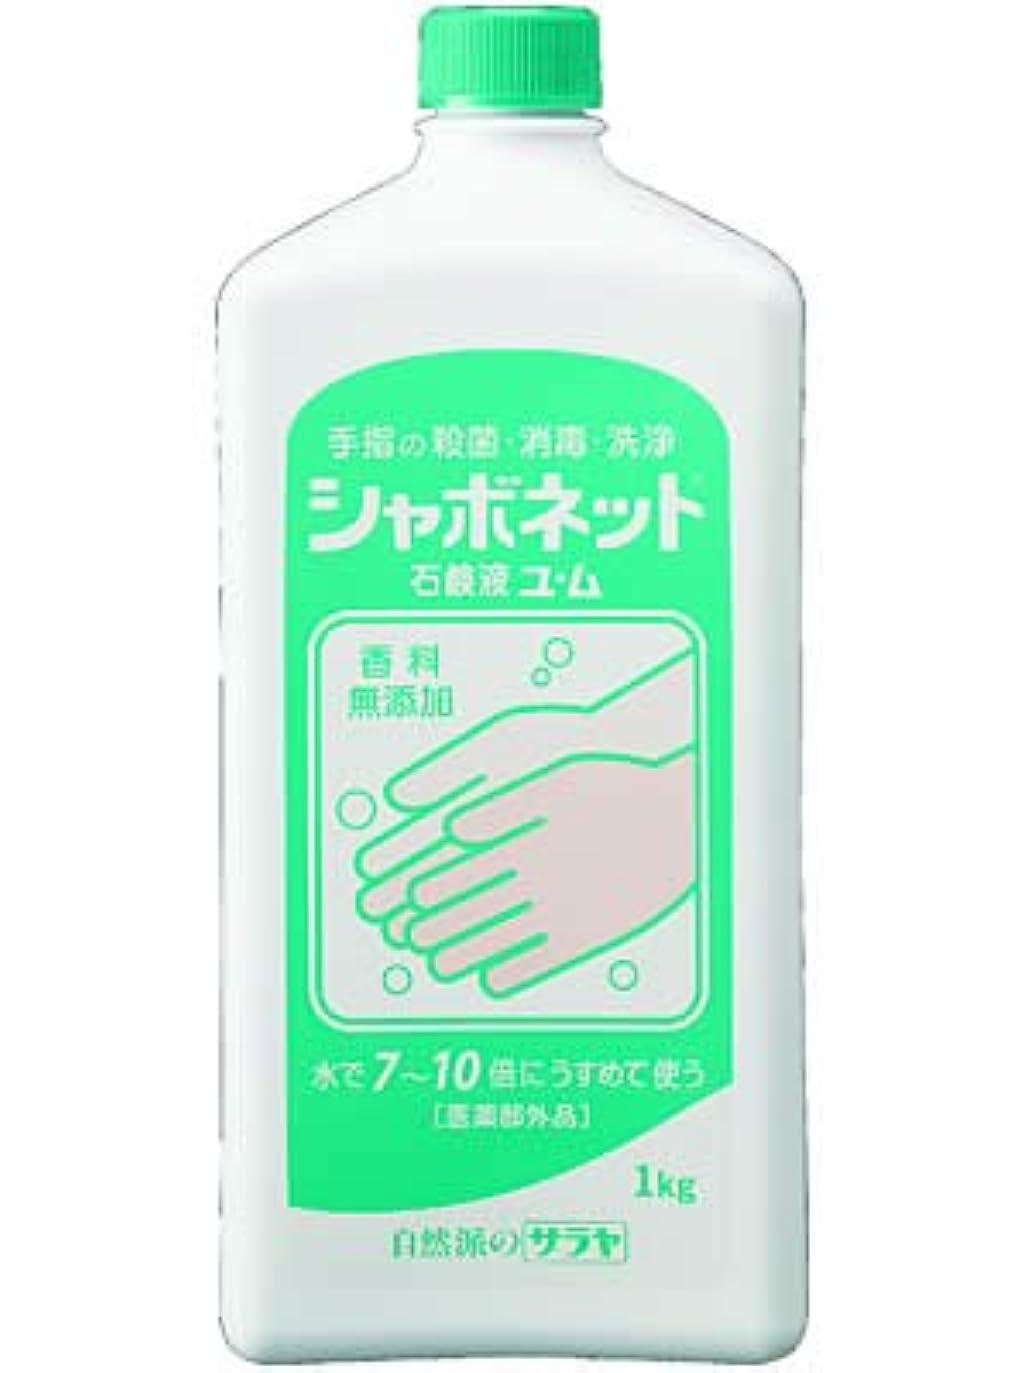 哲学的よく話されるシャーロットブロンテシャボネット 石鹸液 ユ?ム 1kg ×3個セット